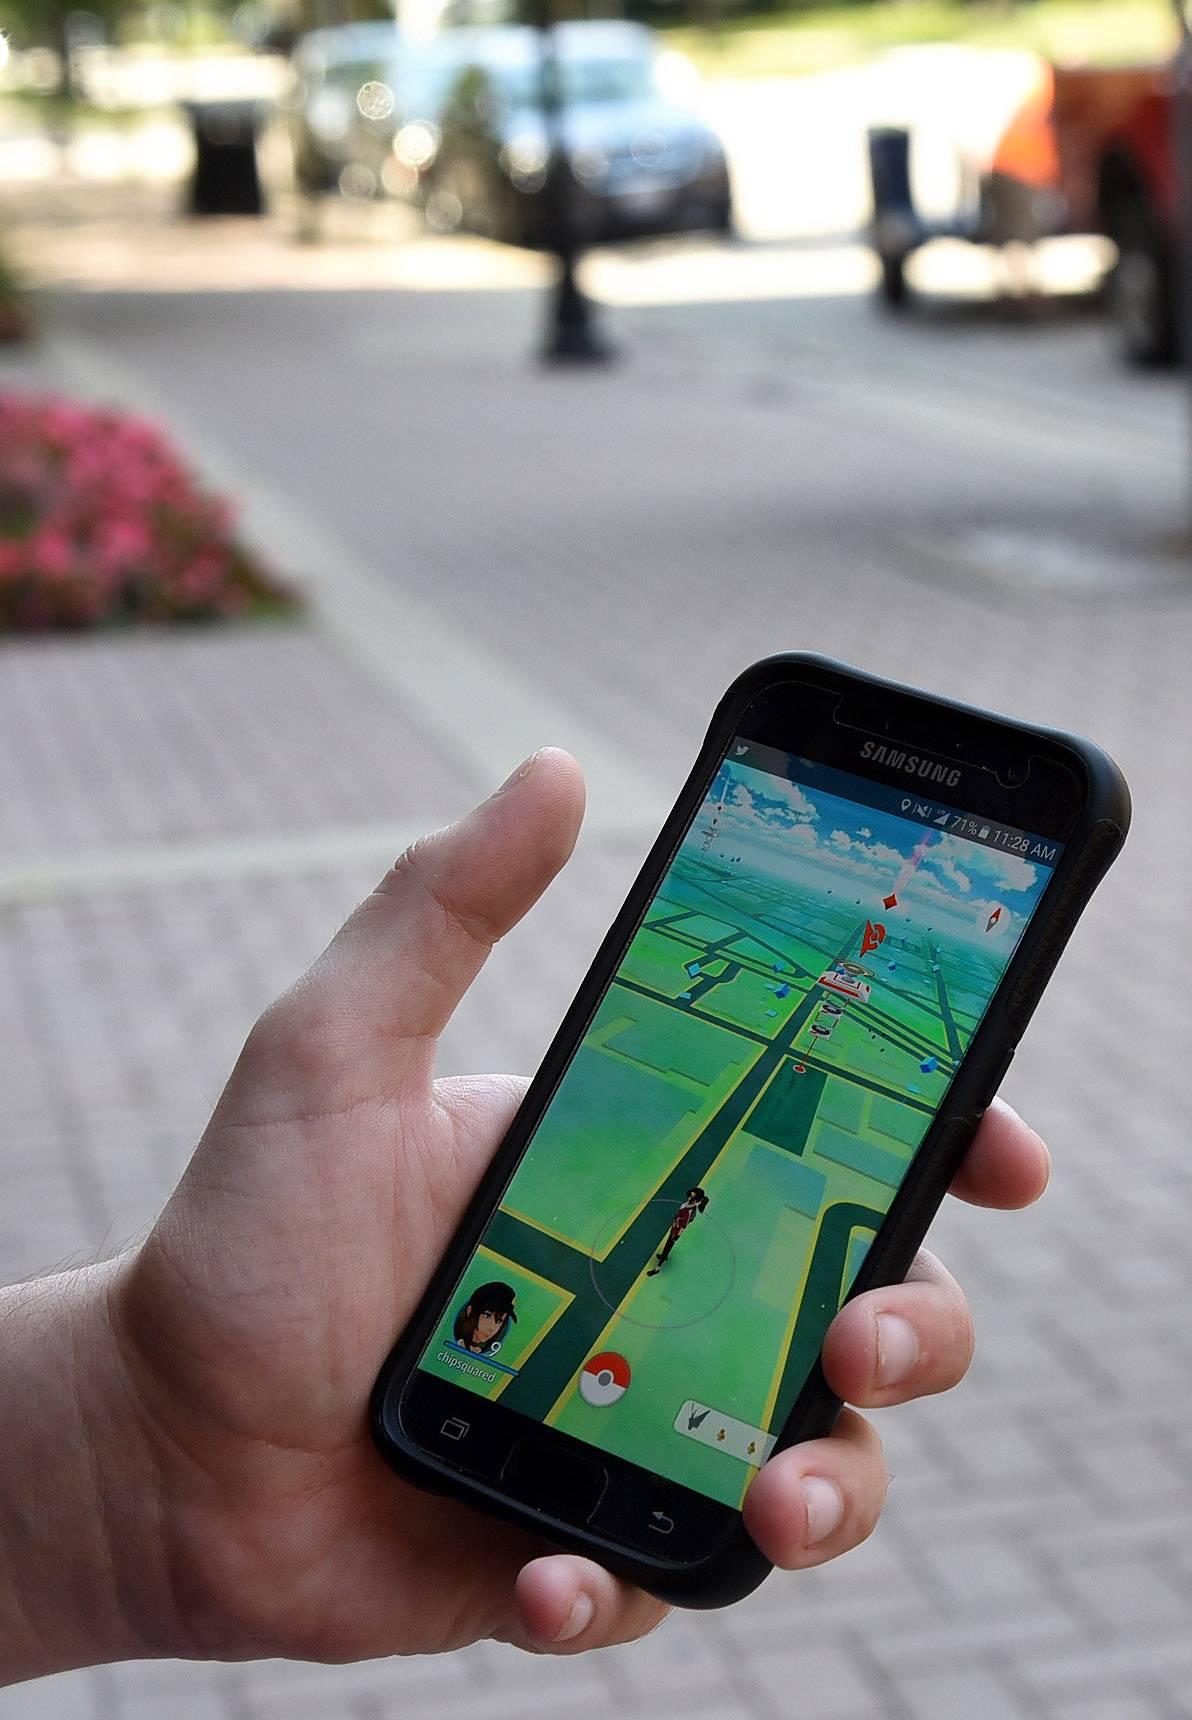 Massive 'Pokemon Go' event planned Saturday in Elgin